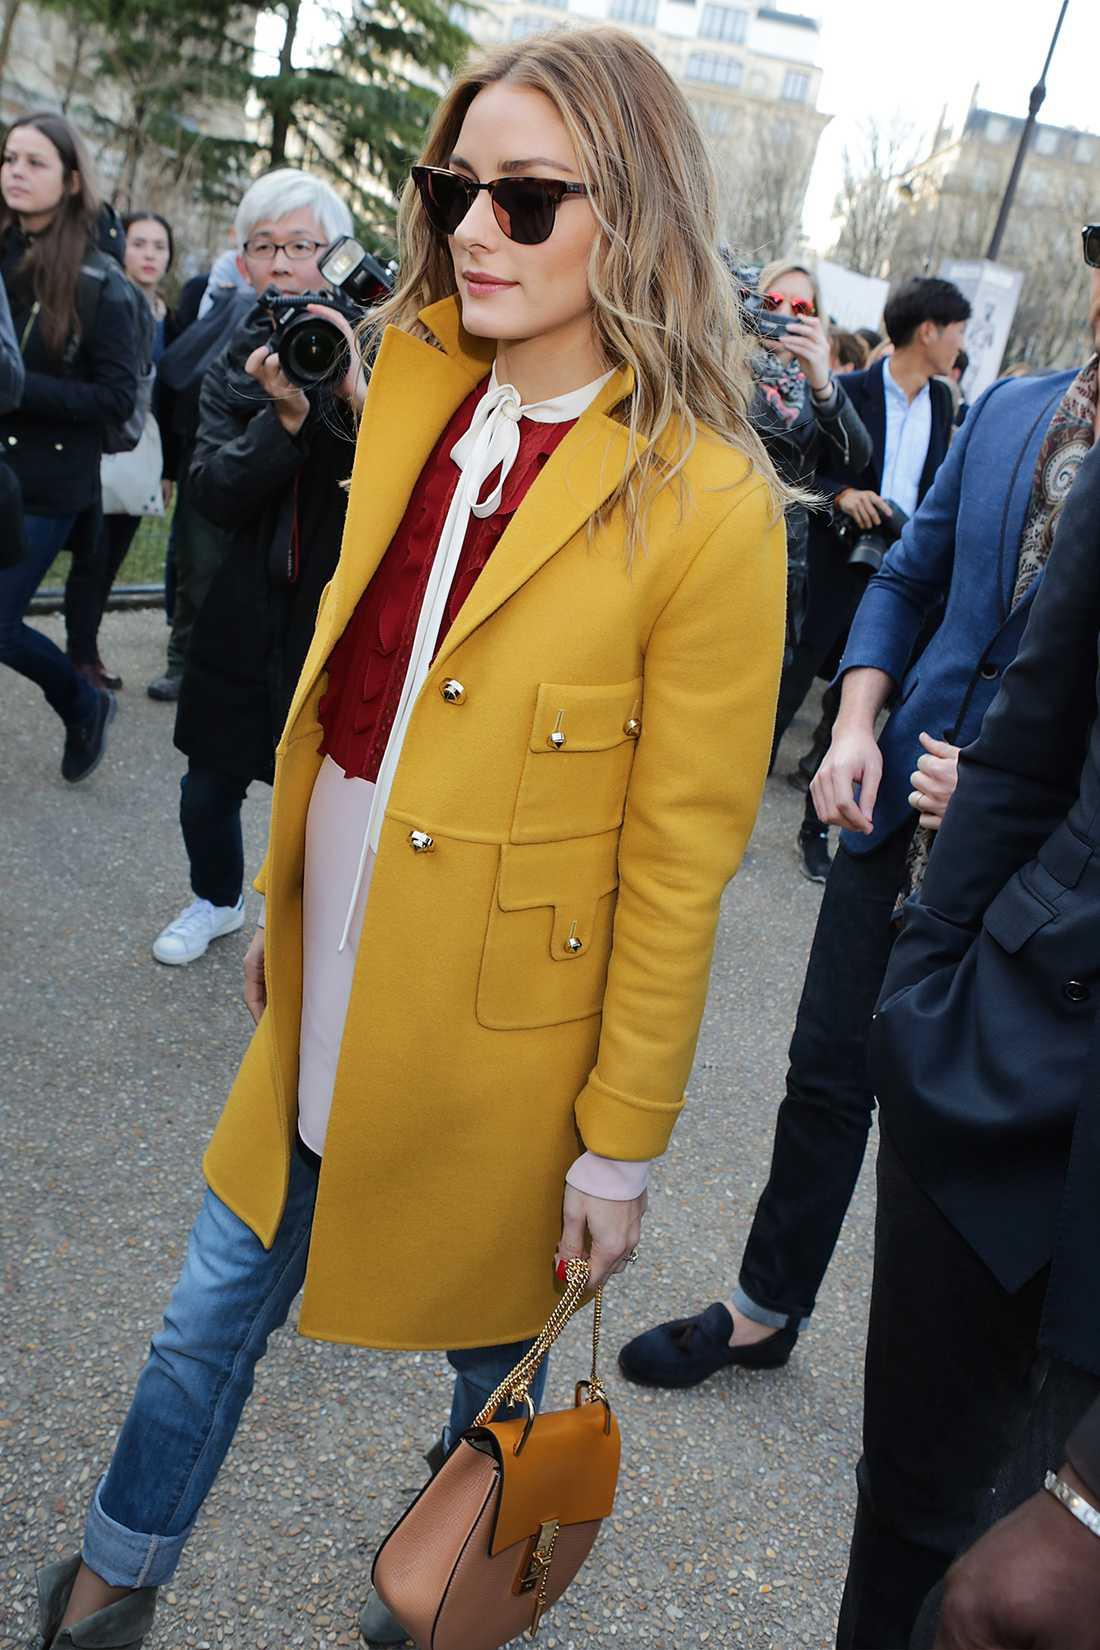 OIivia Palermo När det vankas modevecka i Paris gäller det att packa ner bästa plaggen. Det där vet Olivia Plaermo allt om. Den här färgglada vårlooken fick många kameror att blixtra. Tycker du också om outfiten? Kika i shoppingtipset nedan.